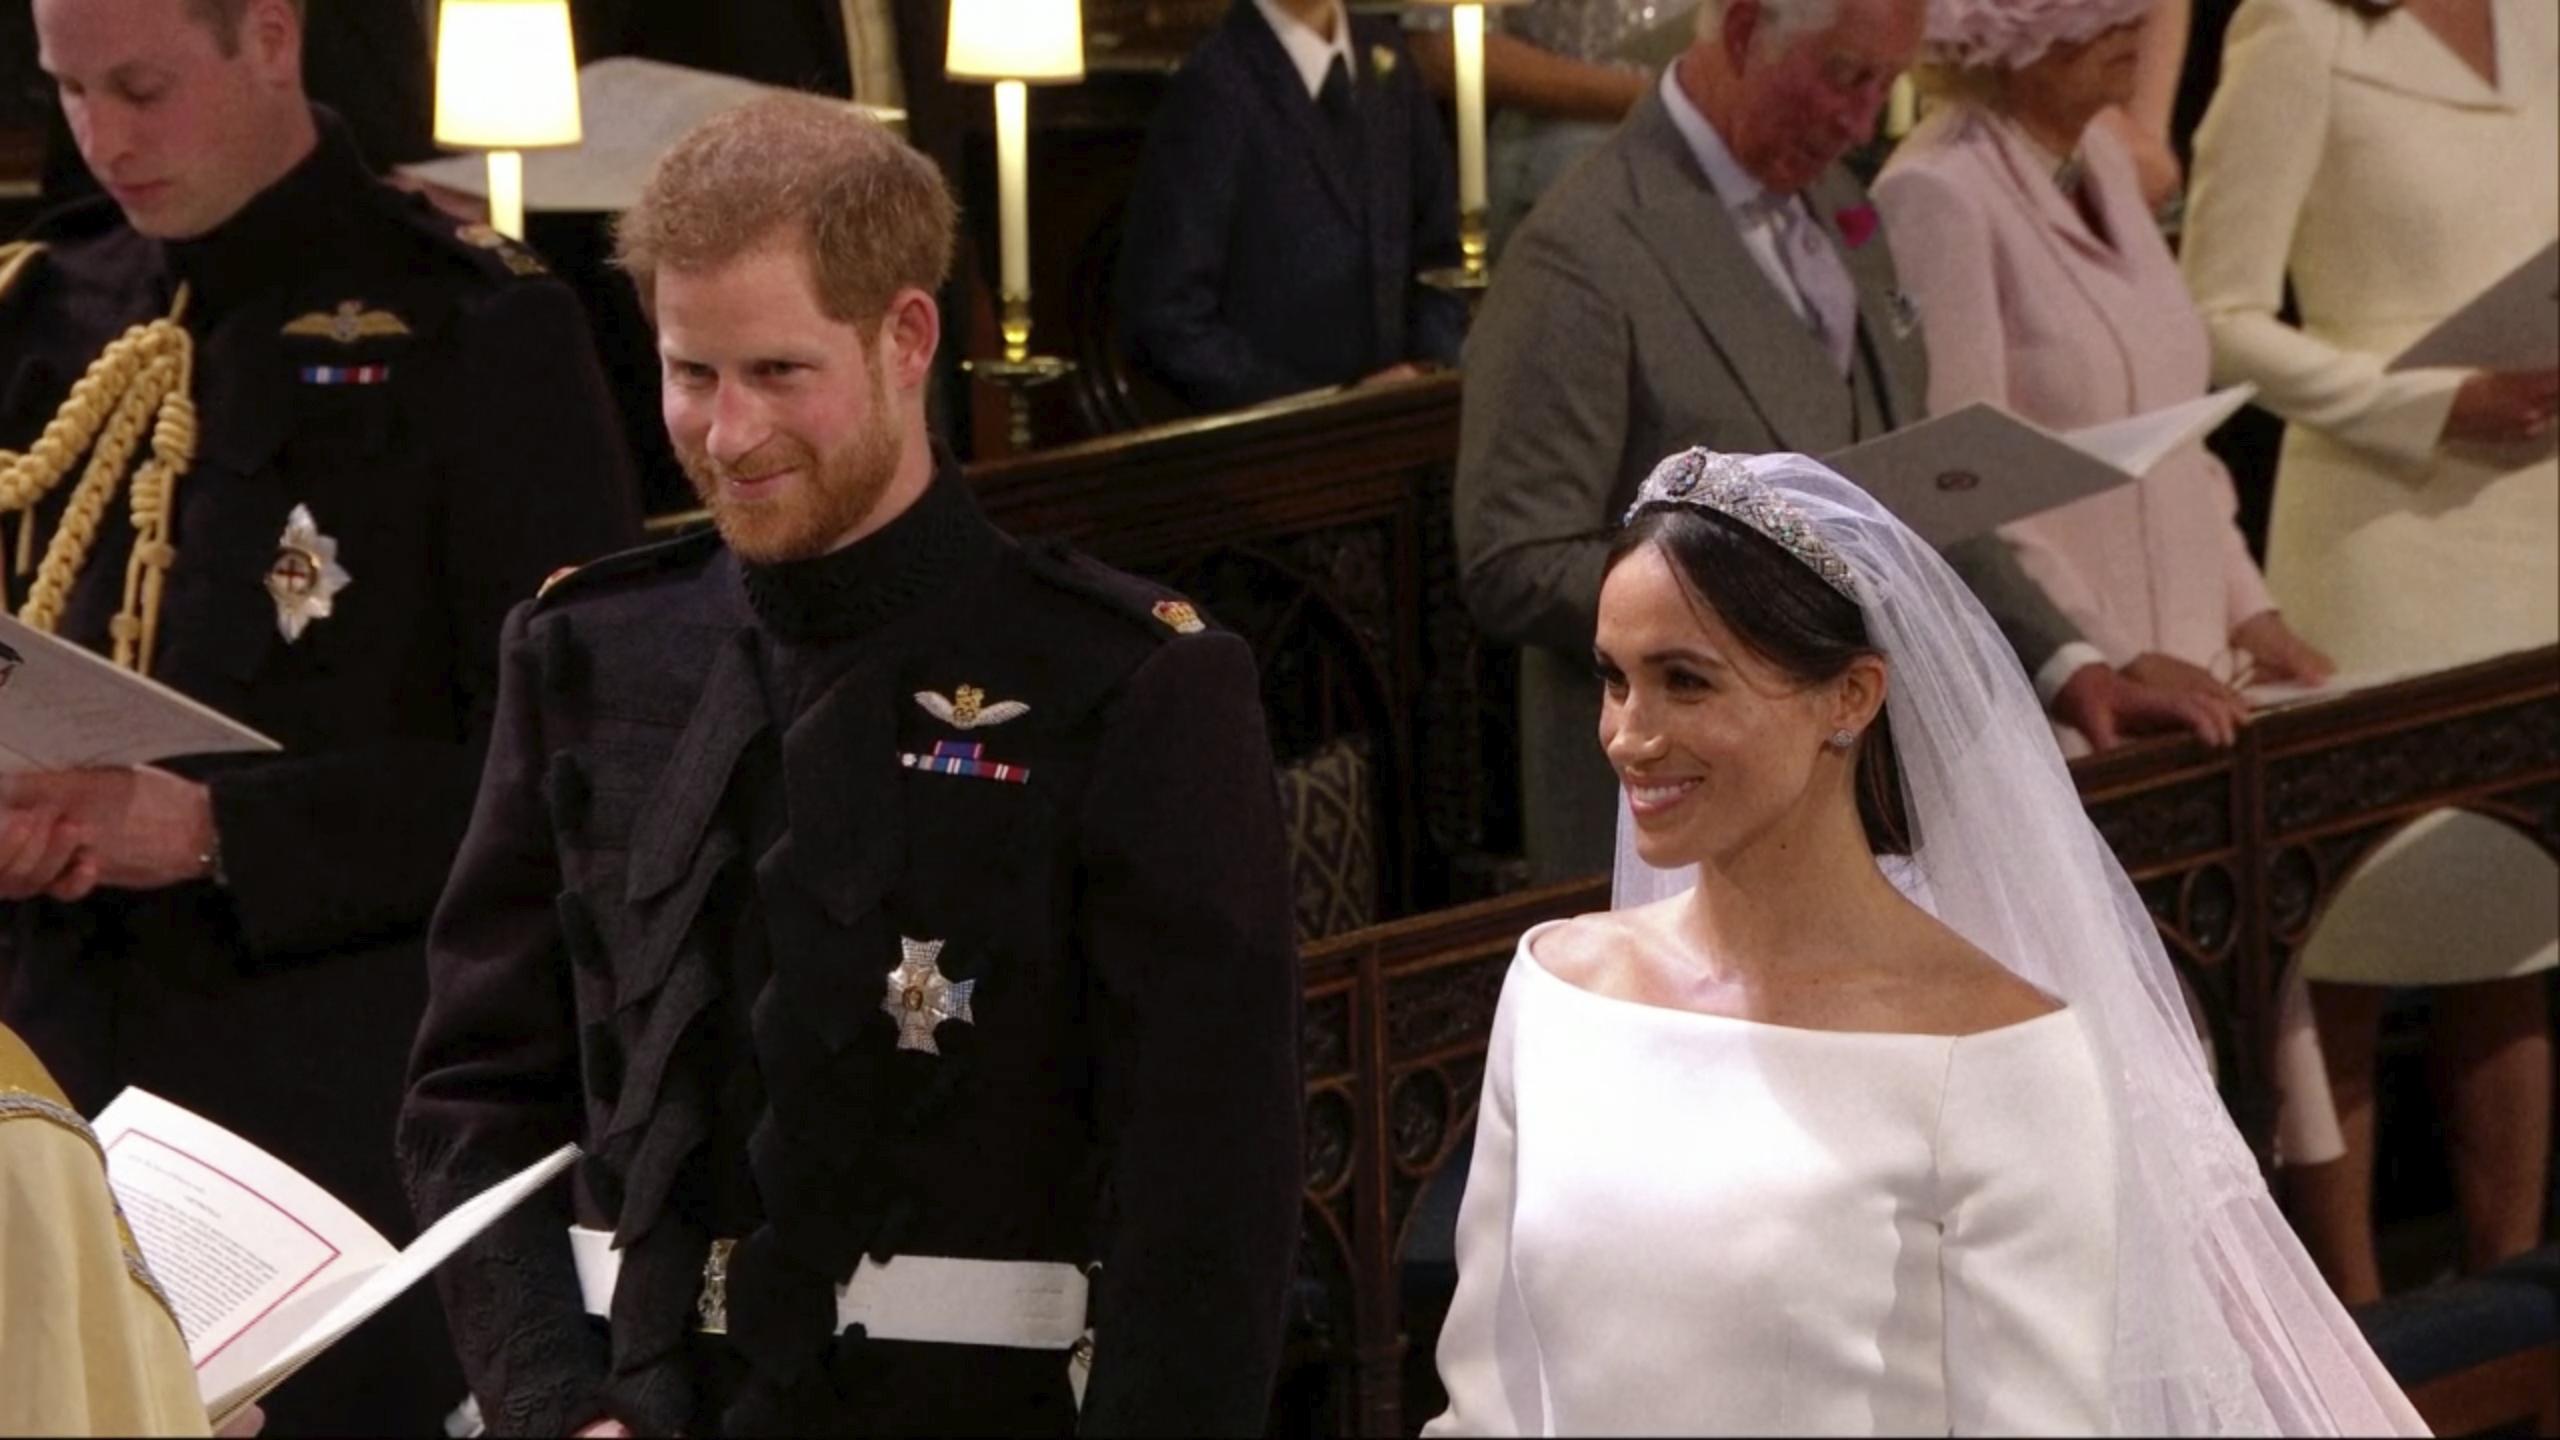 Harry y Meghan tuvieron muchos momentos de complicidad durante la boda que se reflejan en sus gestos y miradas. (Fotos: AP)